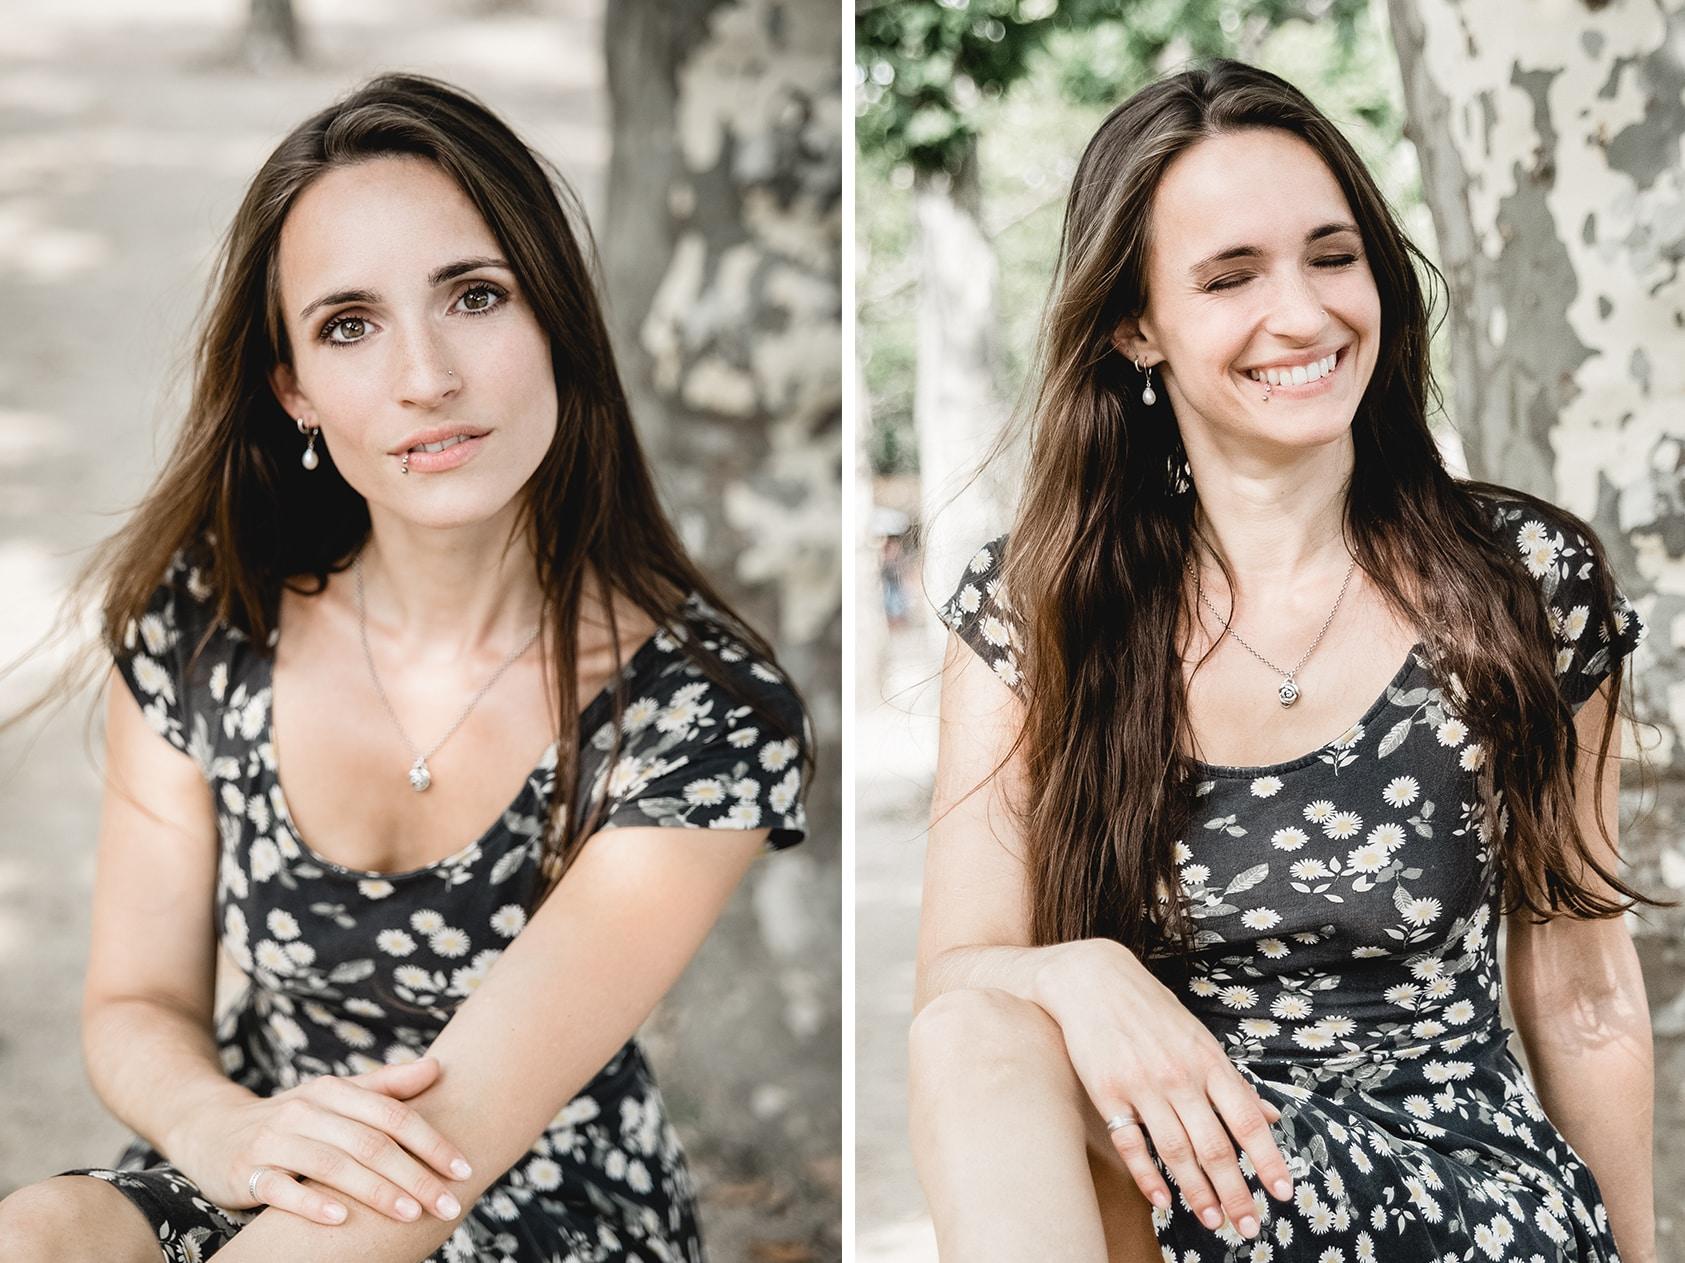 Portraitshooting-darmstadt-mathildenhöhe-fotoshooting-fotograf-Katharina-zwerger-pinetree-photography-fünffingerturm-hochzeitsturm-darmstadt